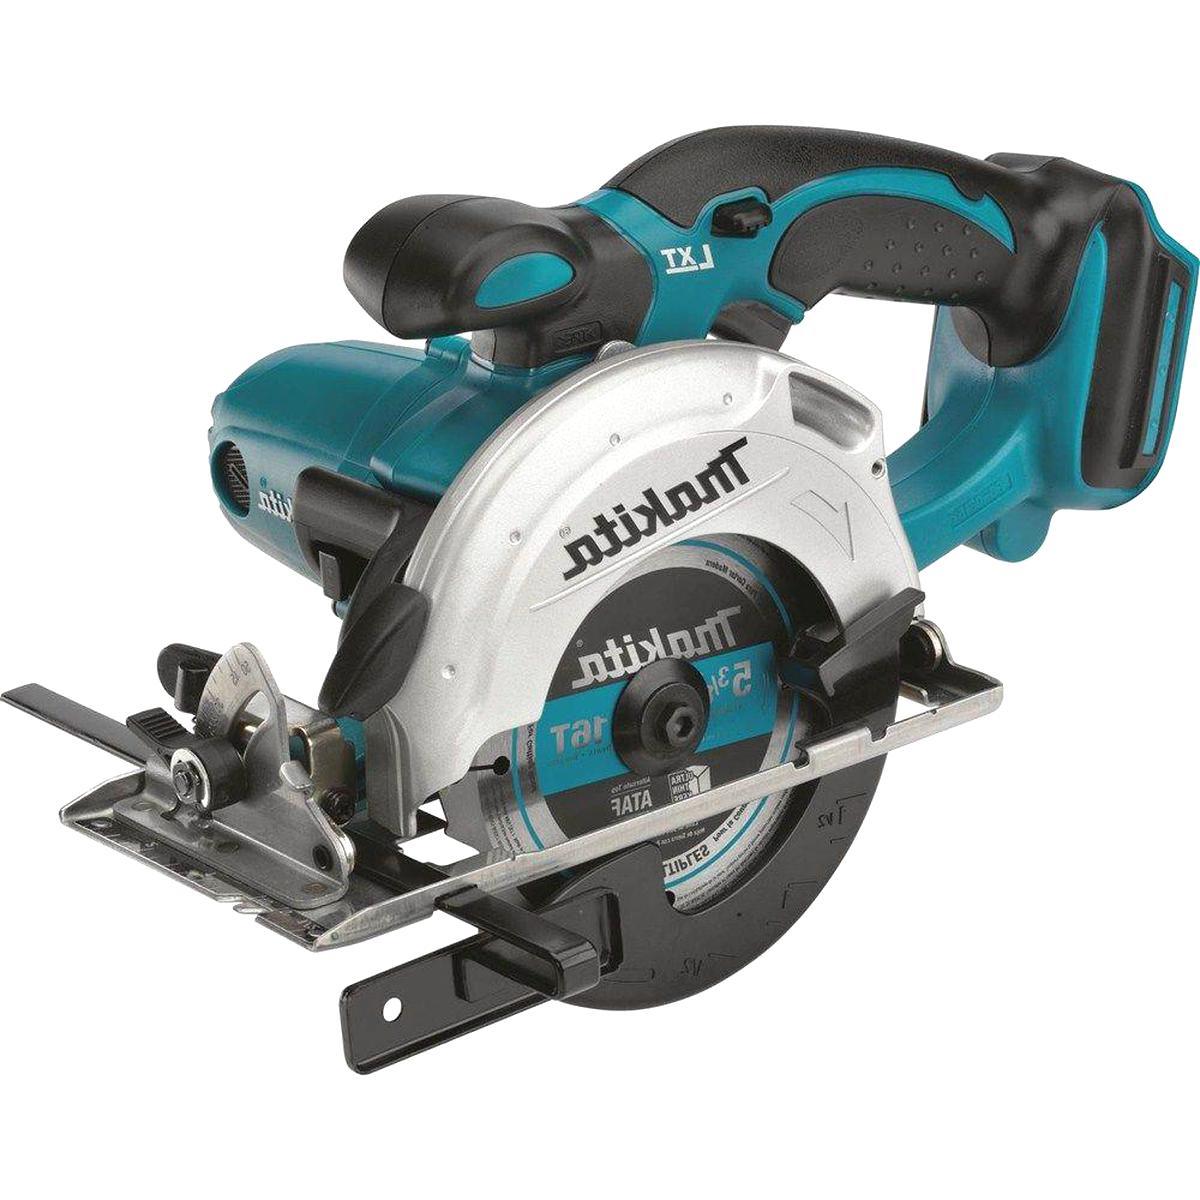 trim saw for sale